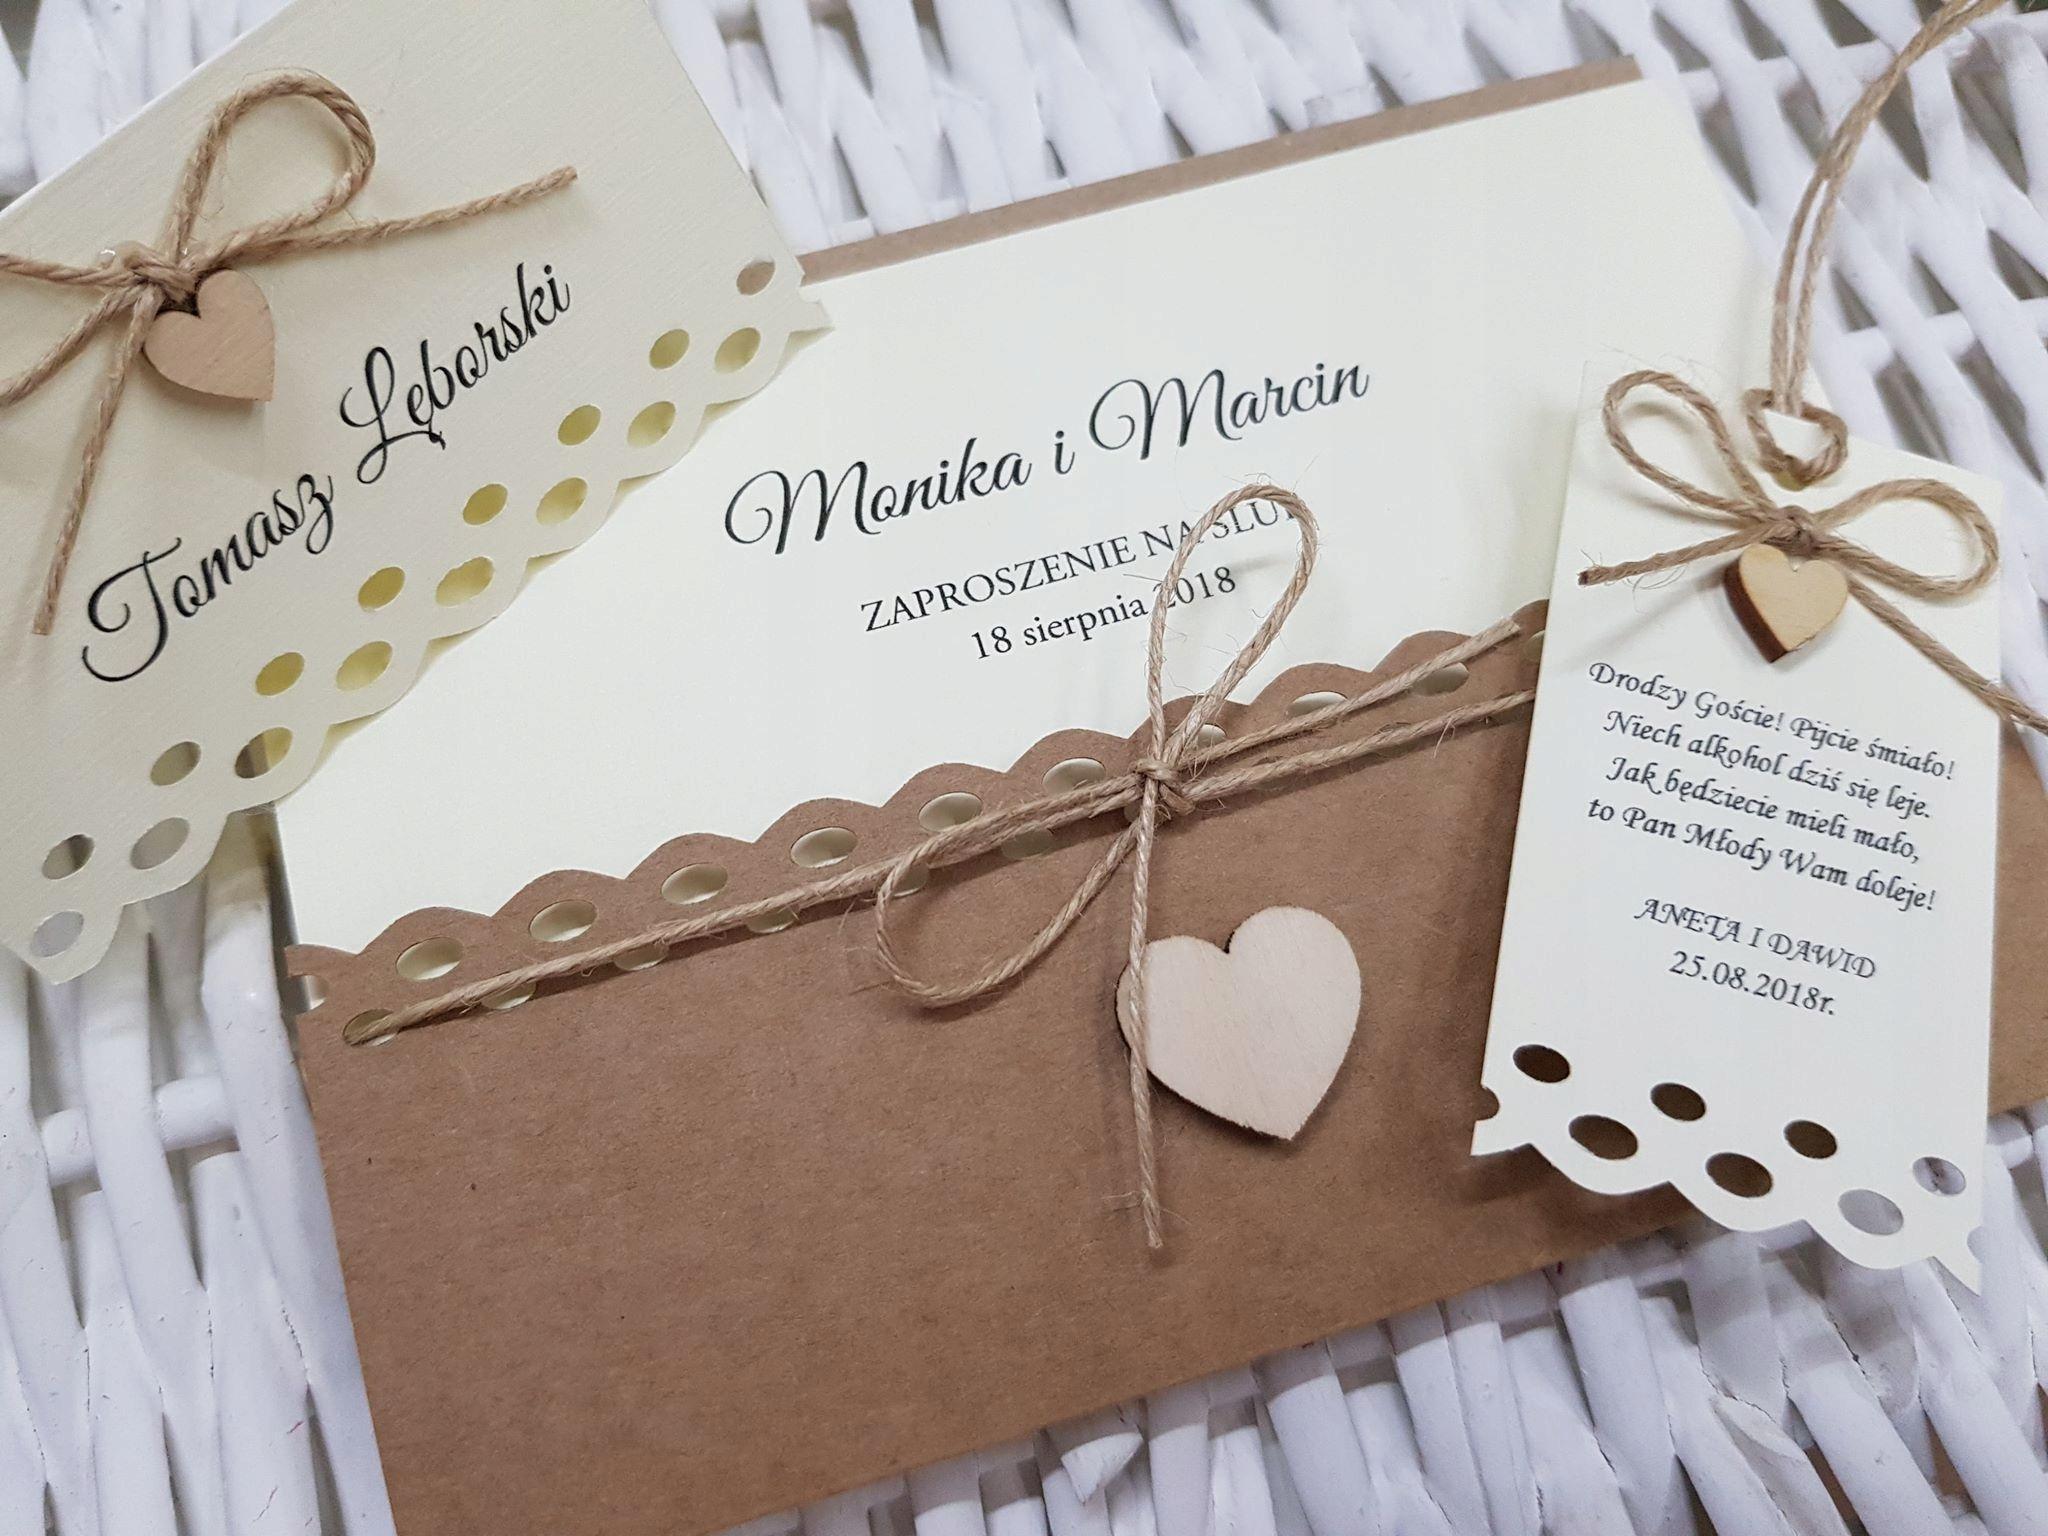 Zaproszenia ślubne Na ślub Rustykalne Eko K658 7504678977